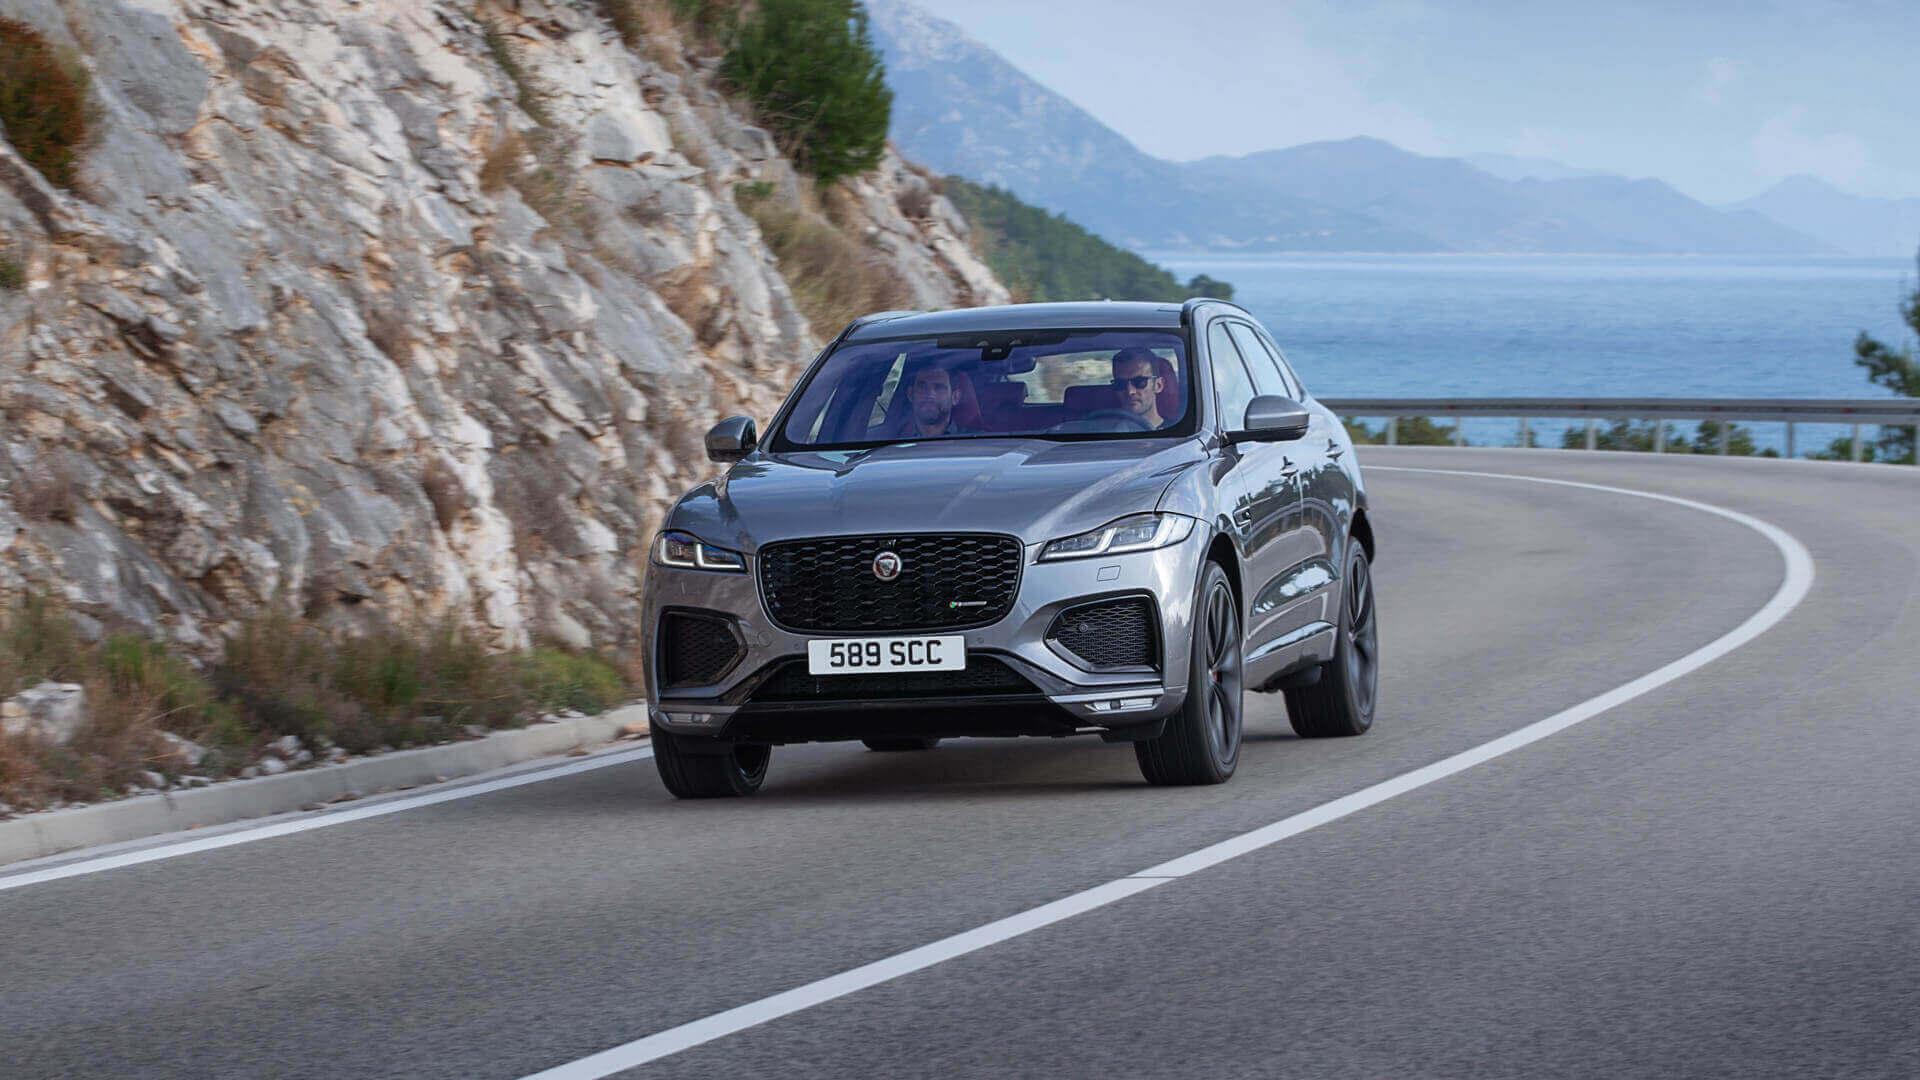 Мягкий гибрид Jaguar F-PACE с бензиновым и дизельным двигателями